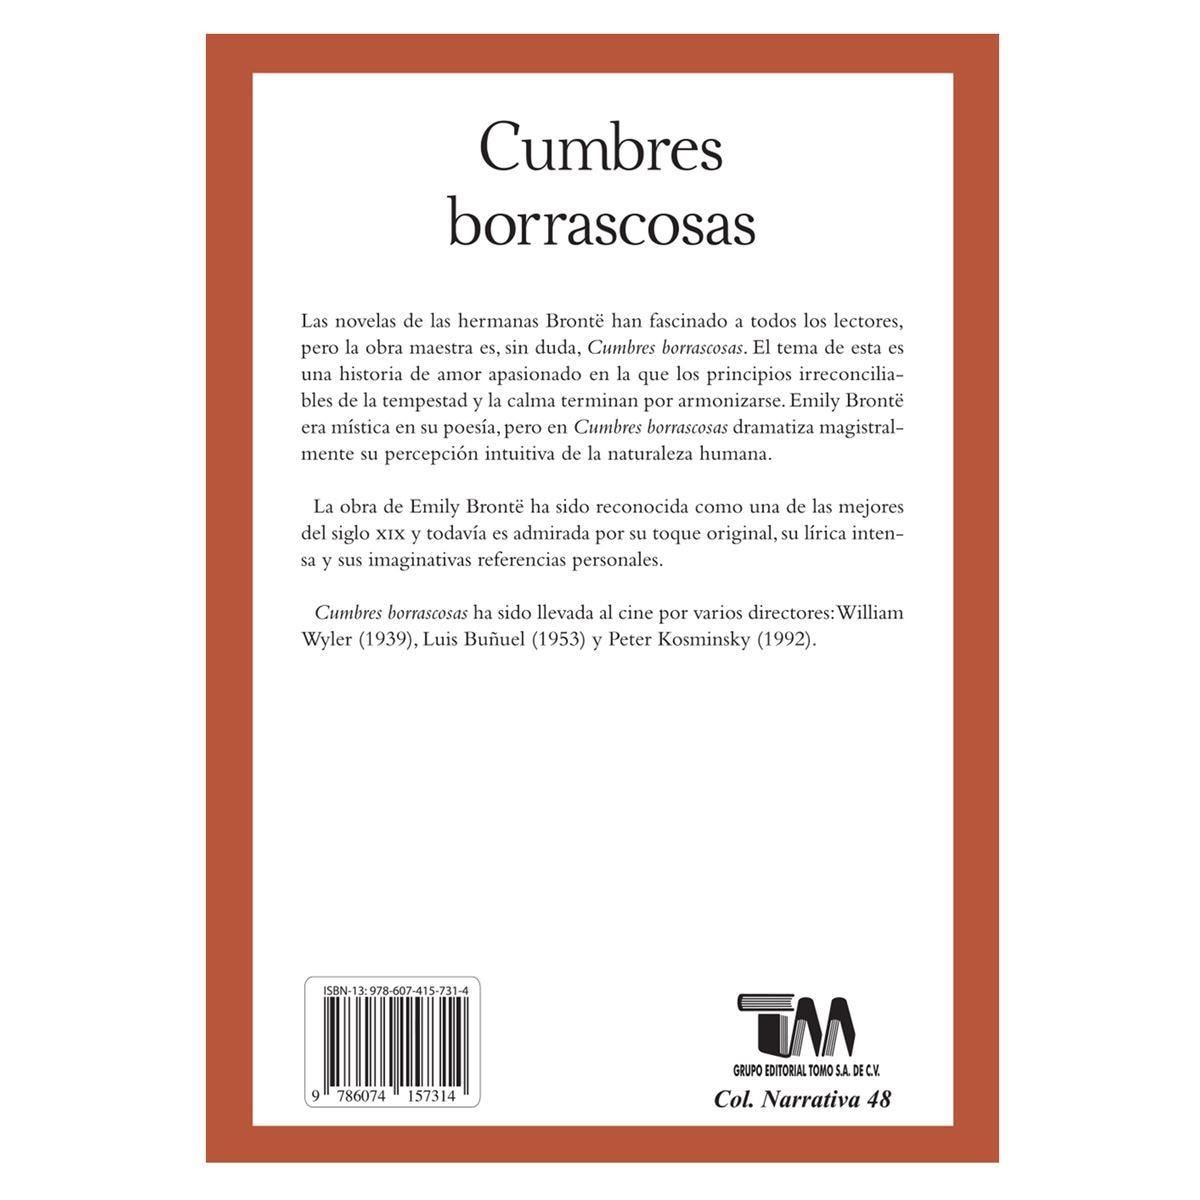 Cumbres borrascosas Libro - Sanborns